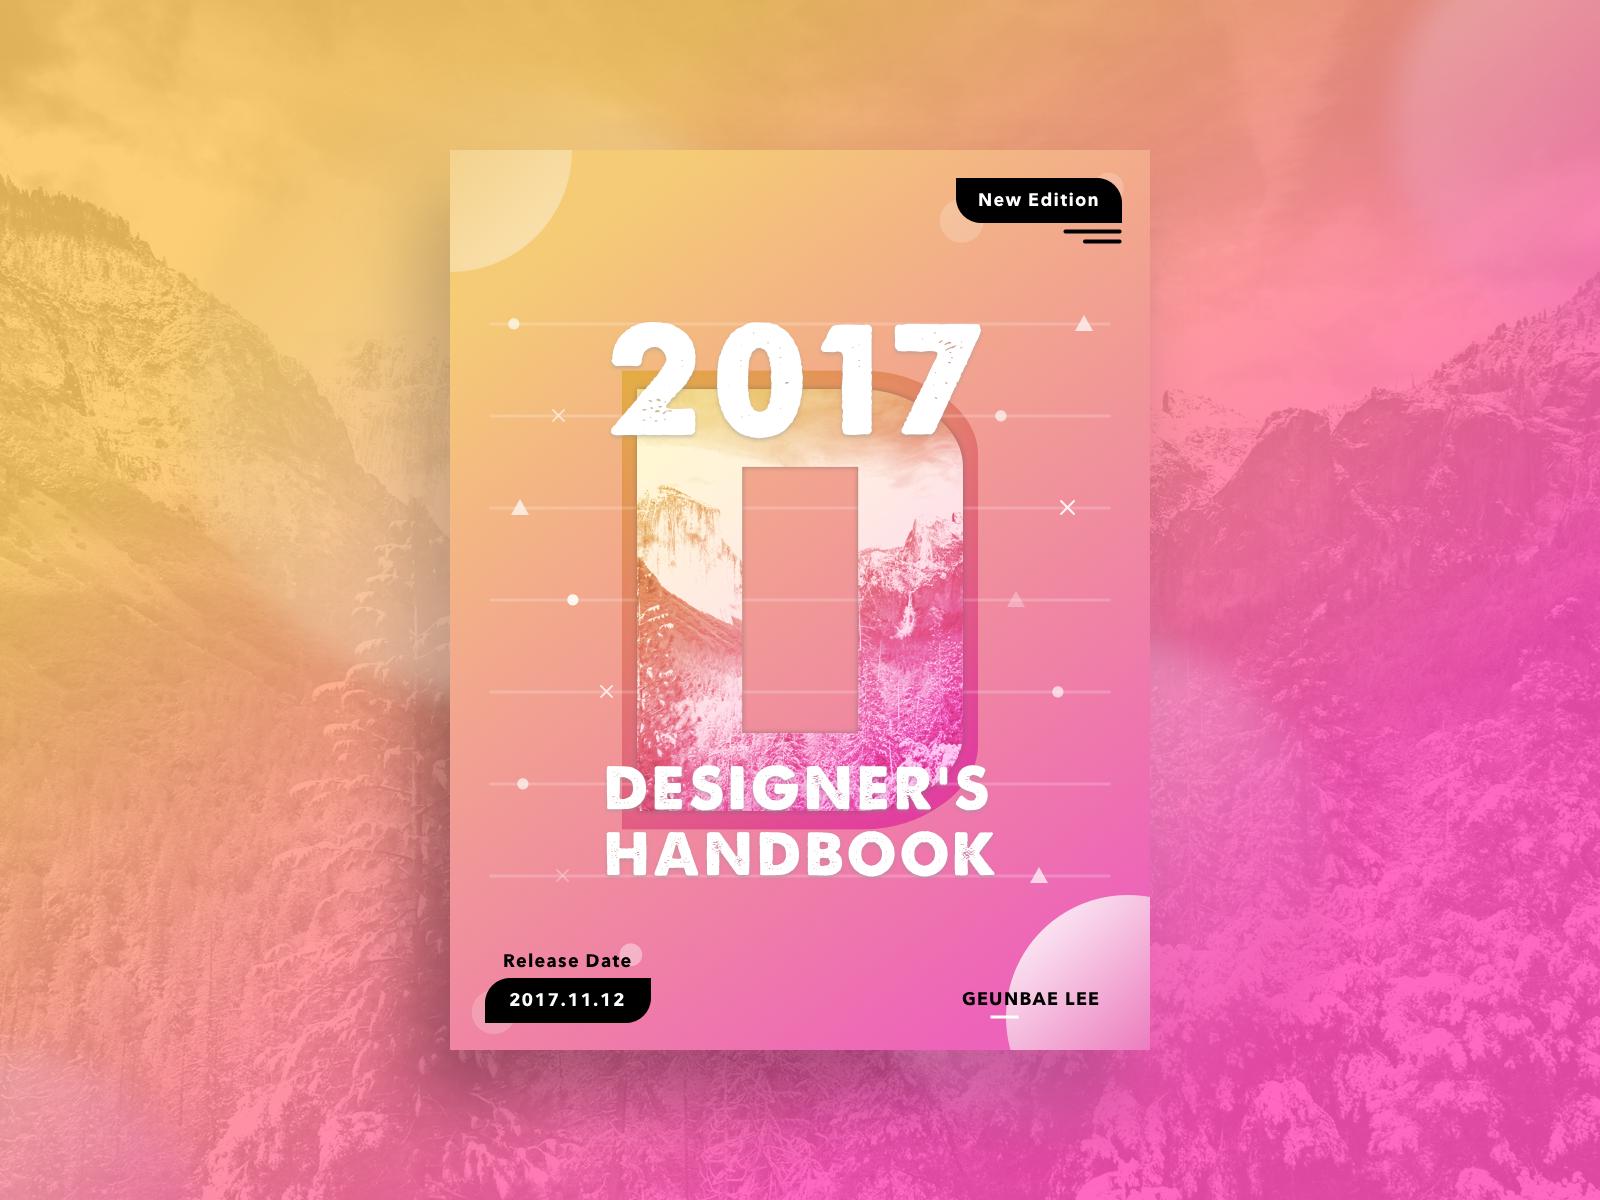 Designer handbooklarge